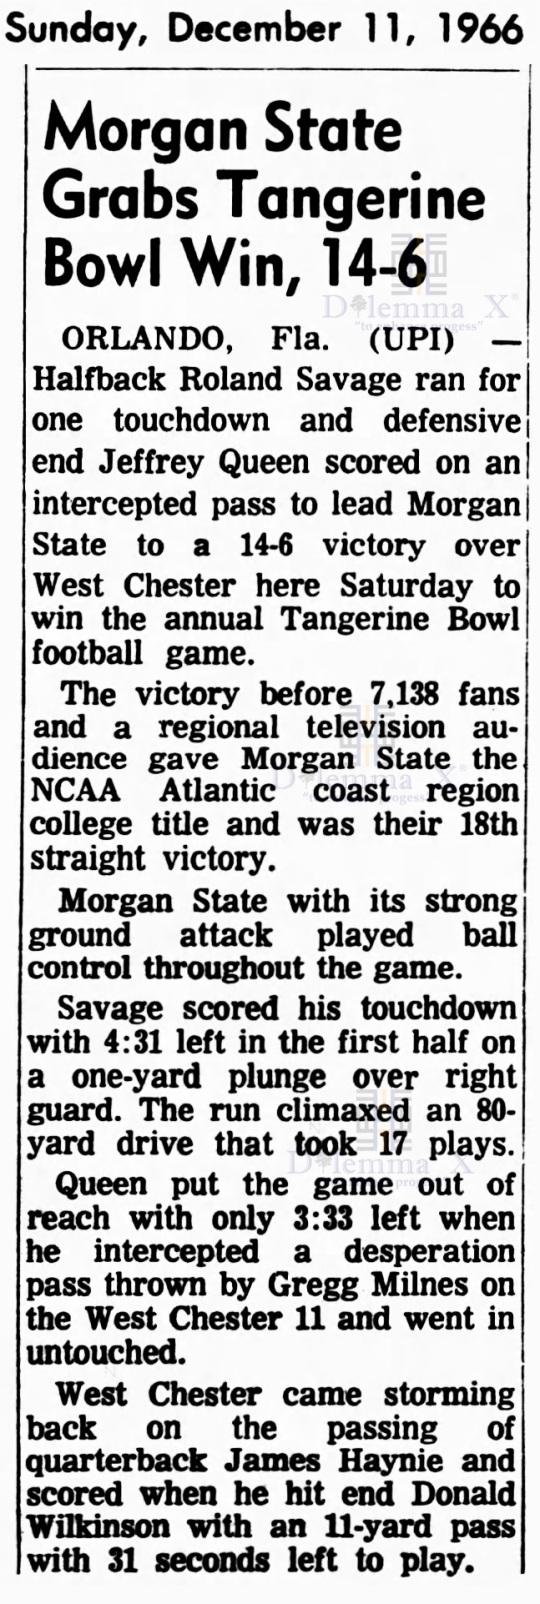 tangerine-bowl-1966 Morgan State Wins